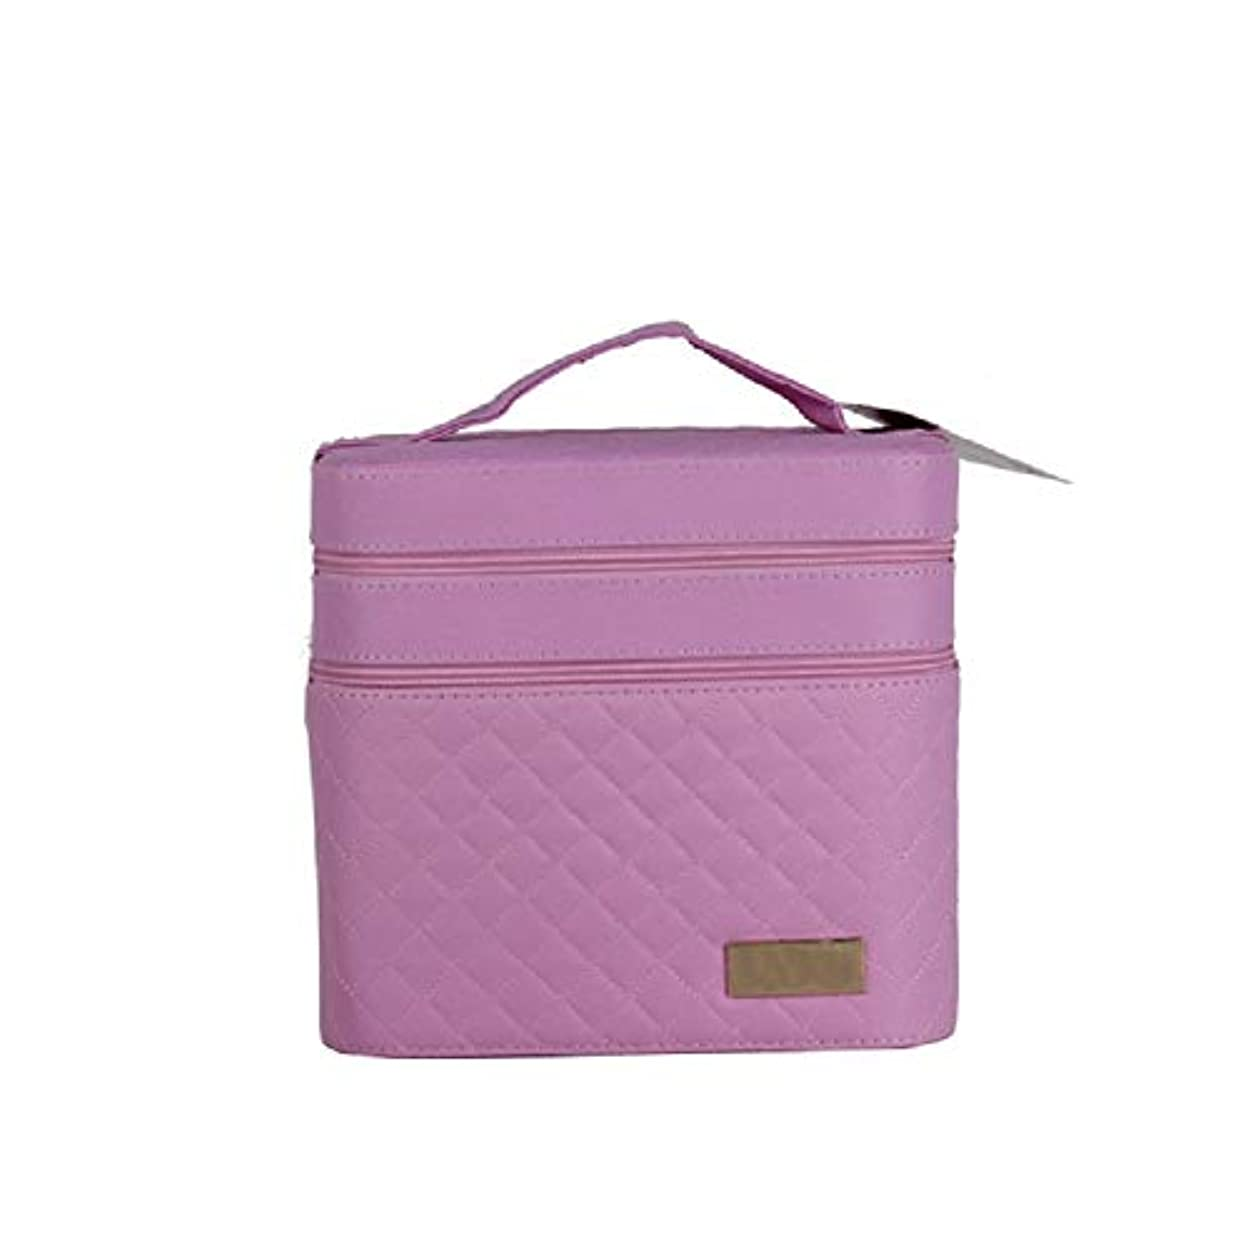 常習的ほこりっぽいオン化粧オーガナイザーバッグ ジッパーと化粧鏡で小さなものの種類の旅行のための美容メイクアップのためのピンクのポータブル化粧品バッグ 化粧品ケース